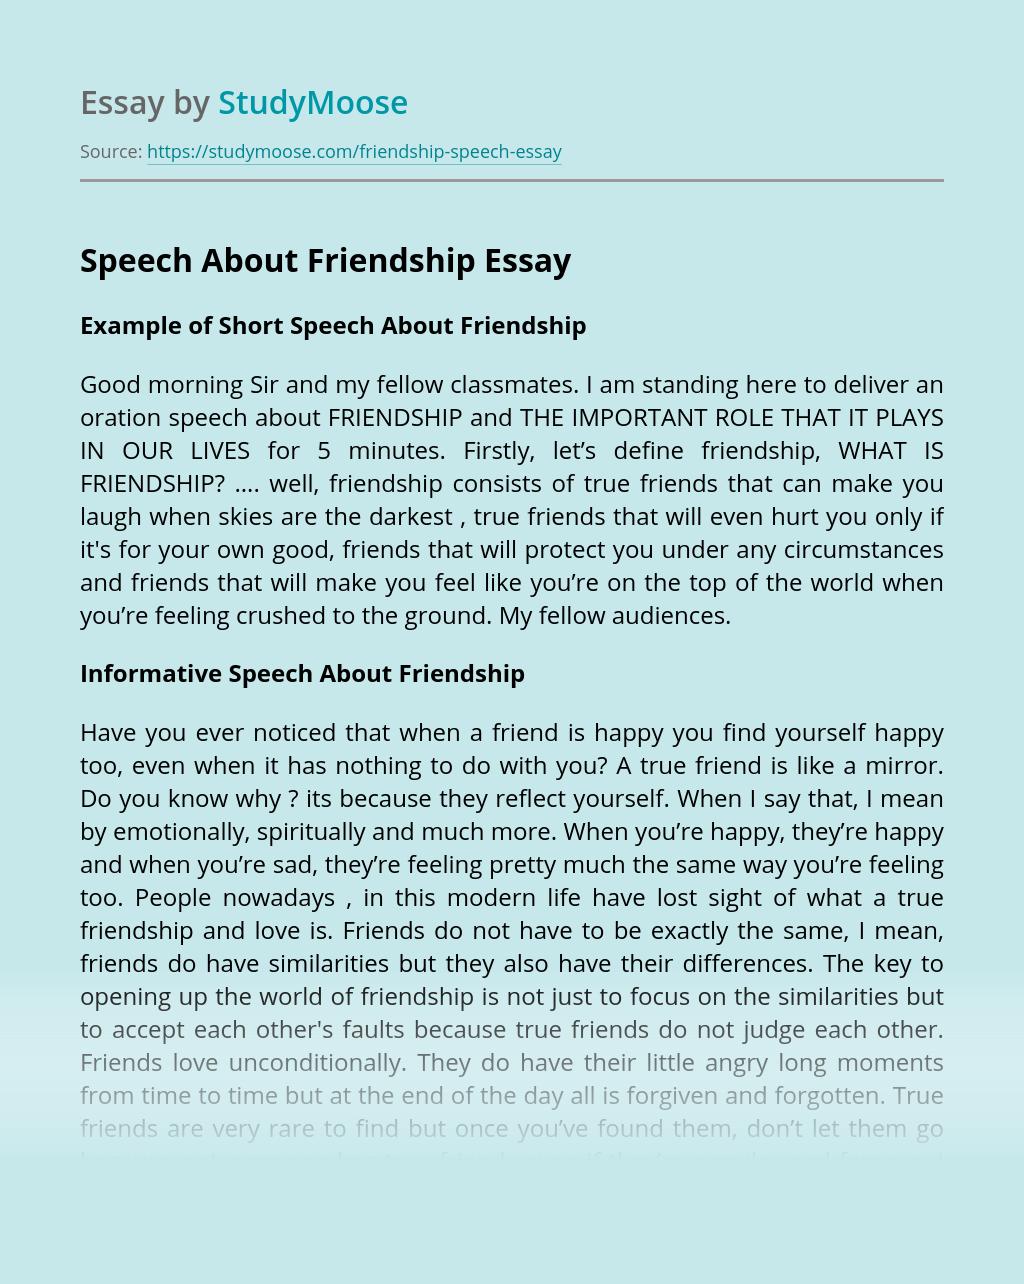 Speech About Friendship